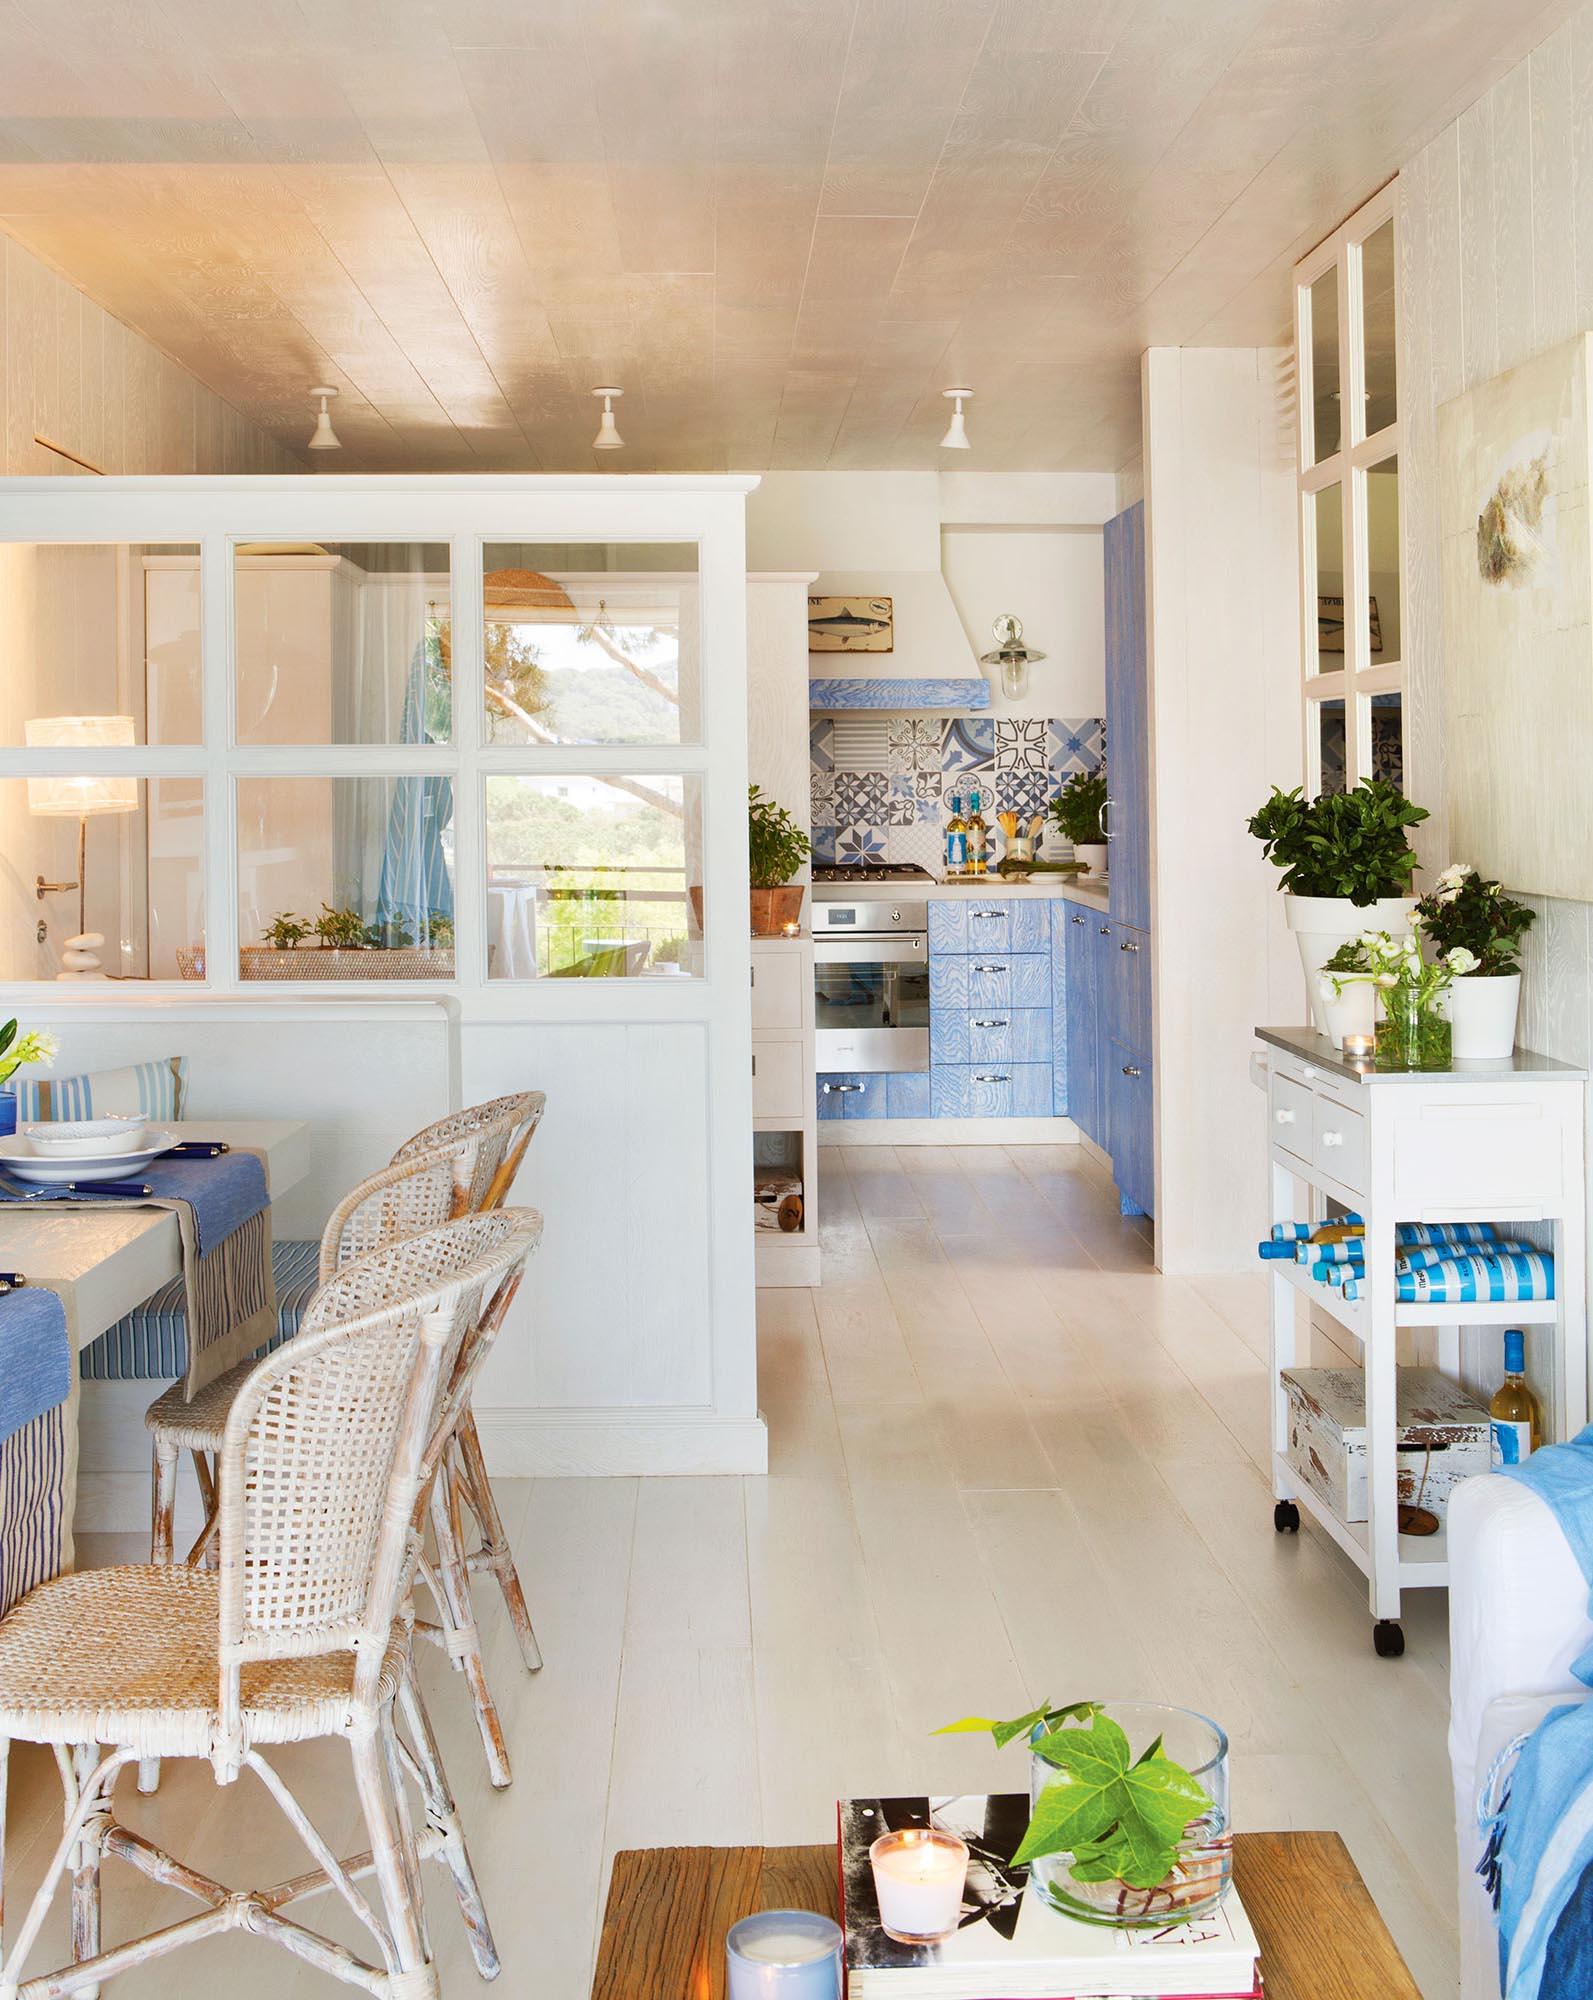 Recibidores y pasillos buenas ideas para decorarlos y for Separacion de muebles cocina comedor